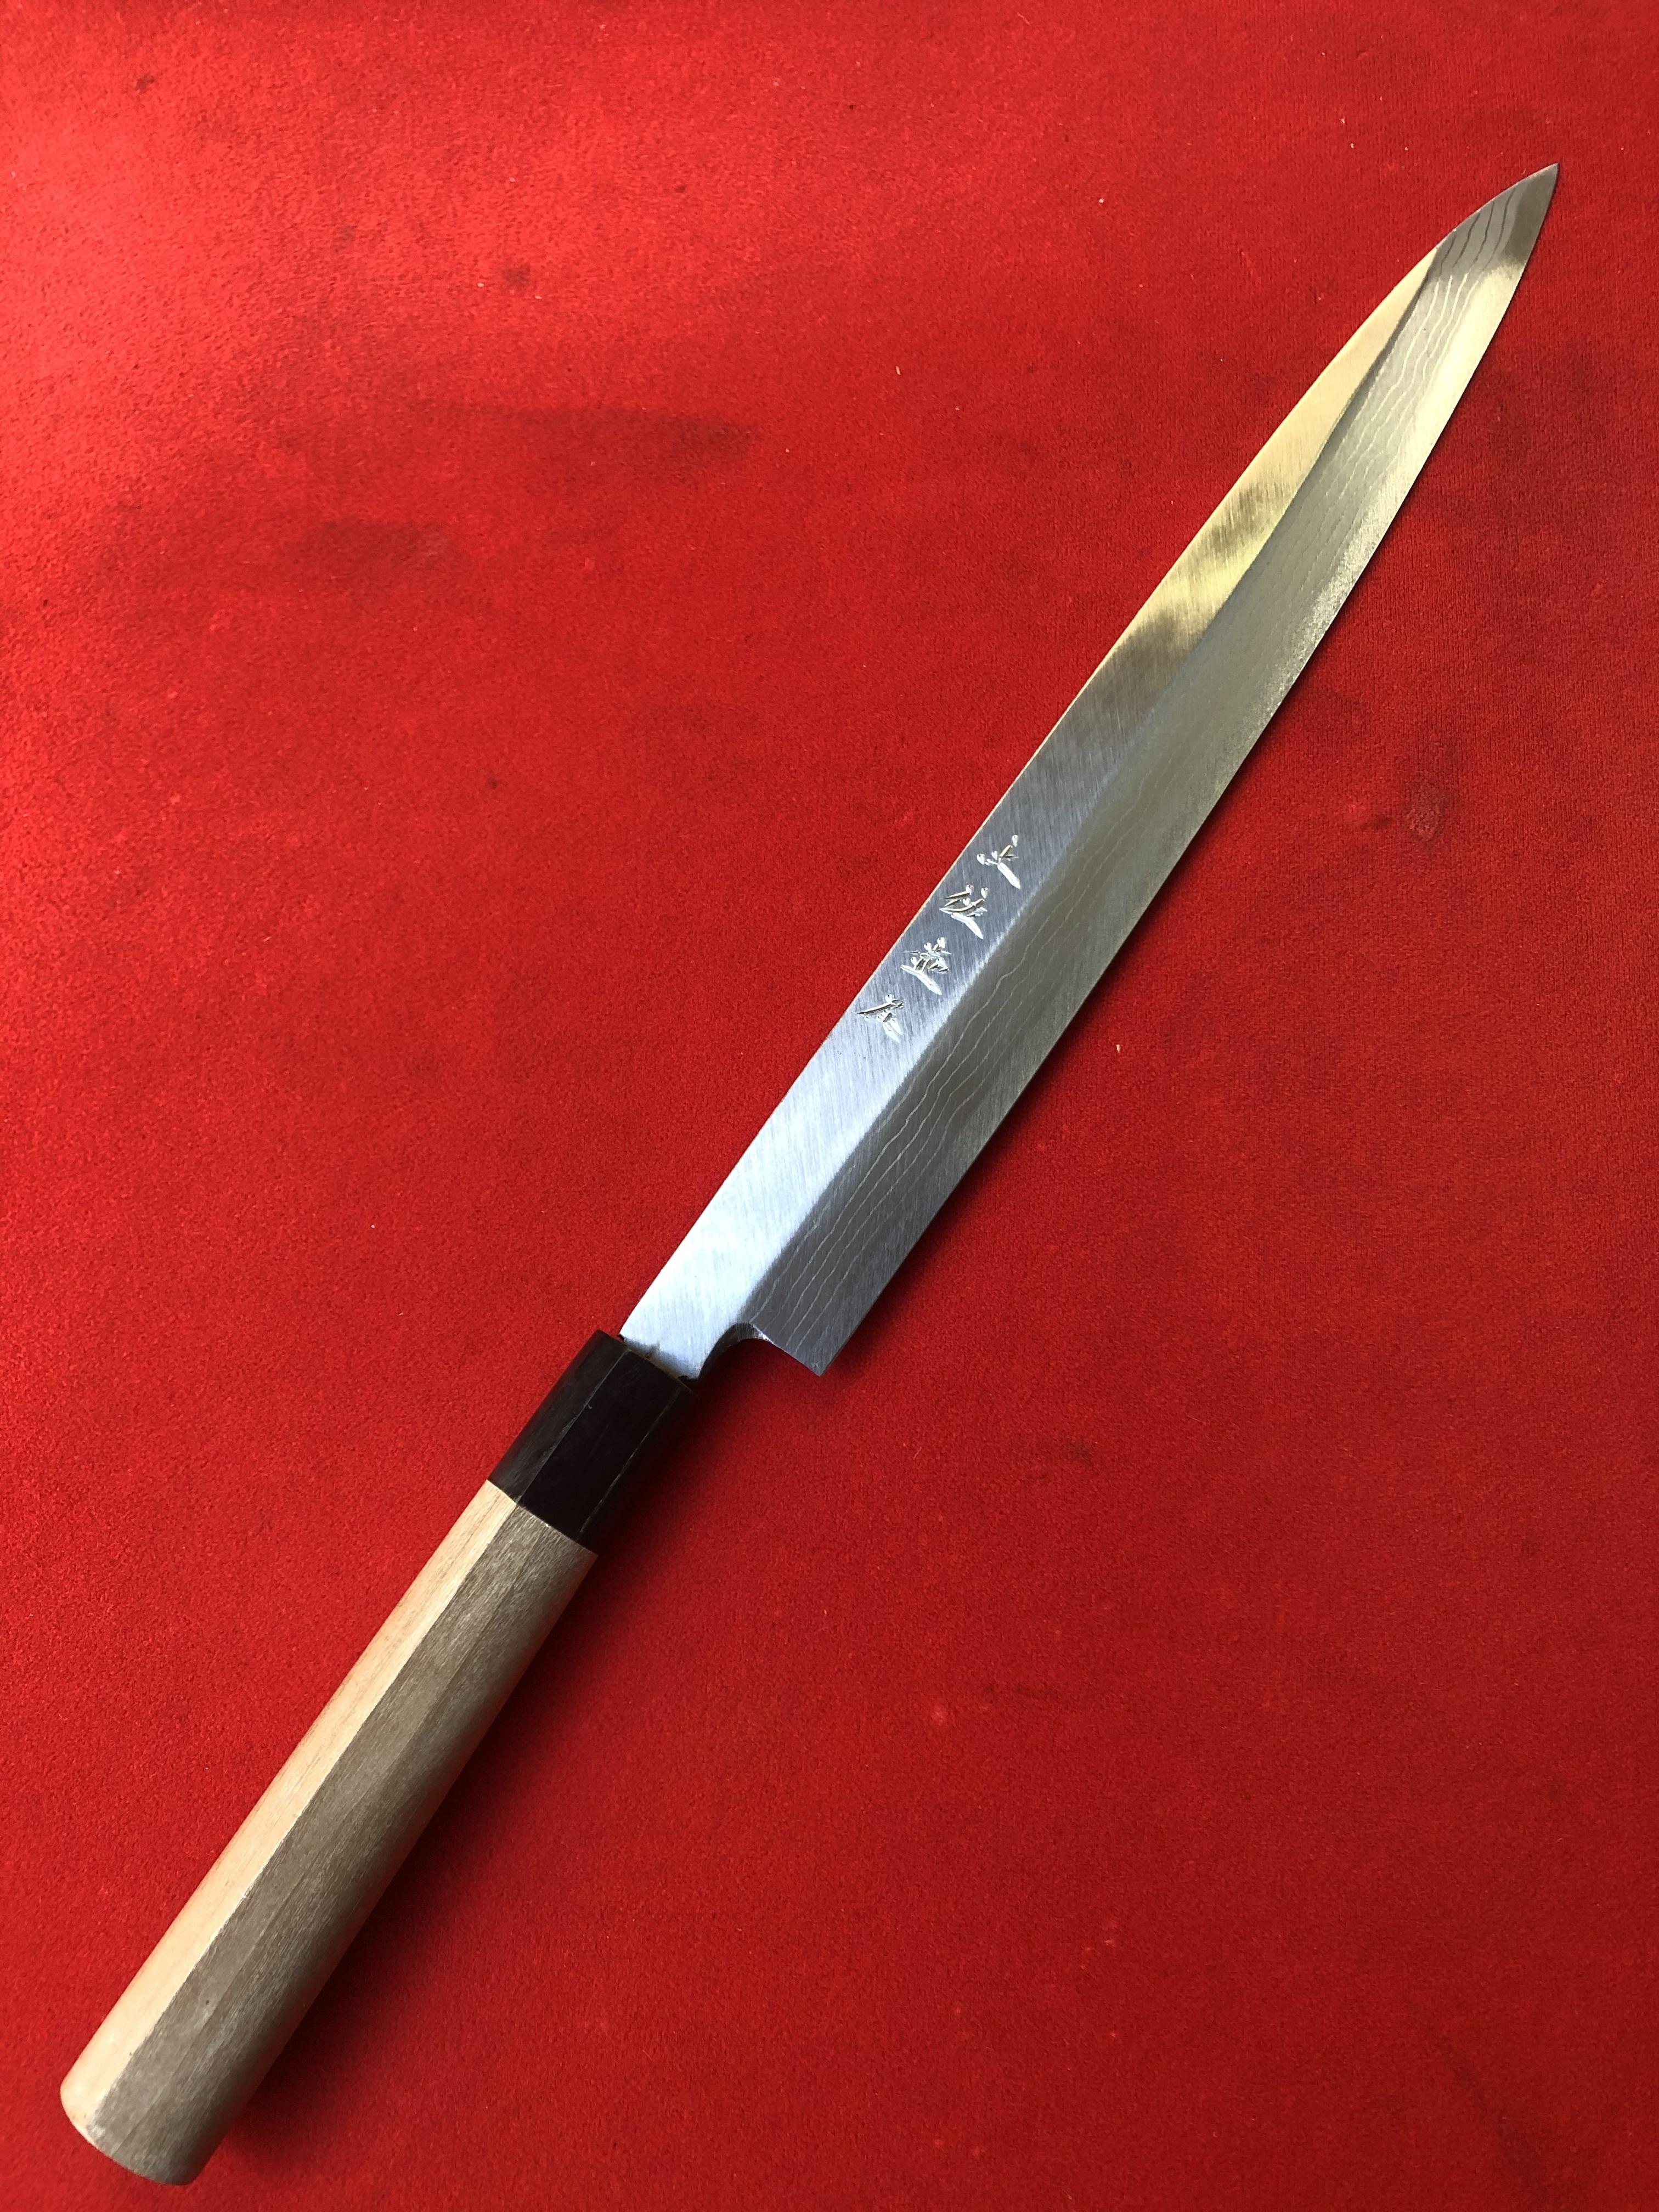 柳刃包丁 多層鋼 8寸 (安来青鋼 片刃)